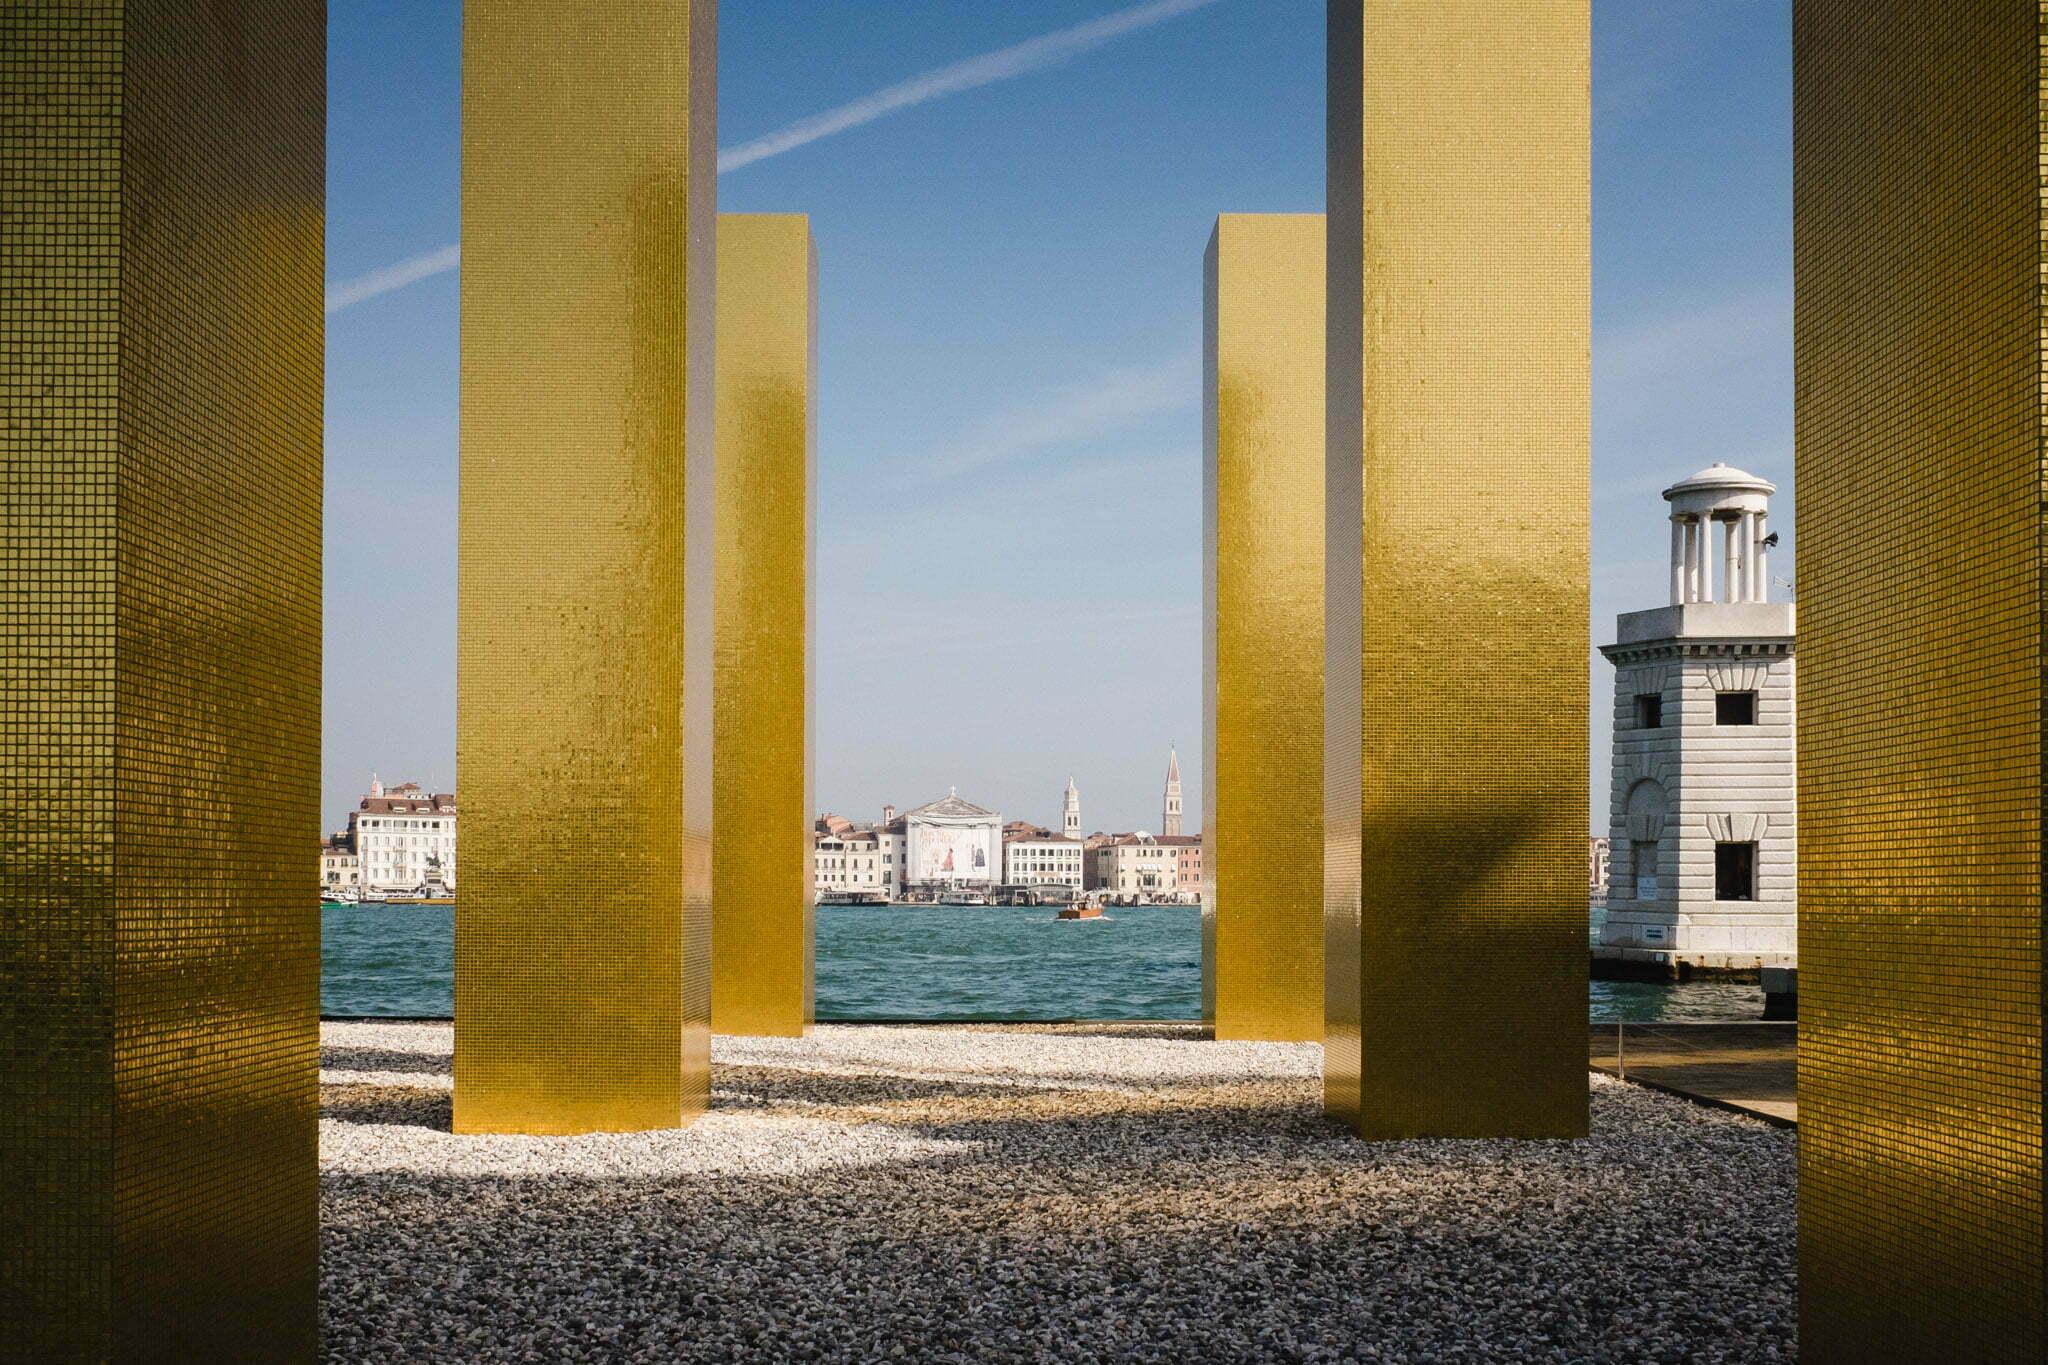 venice-architecture-biennale-2014-golden-columns-7785